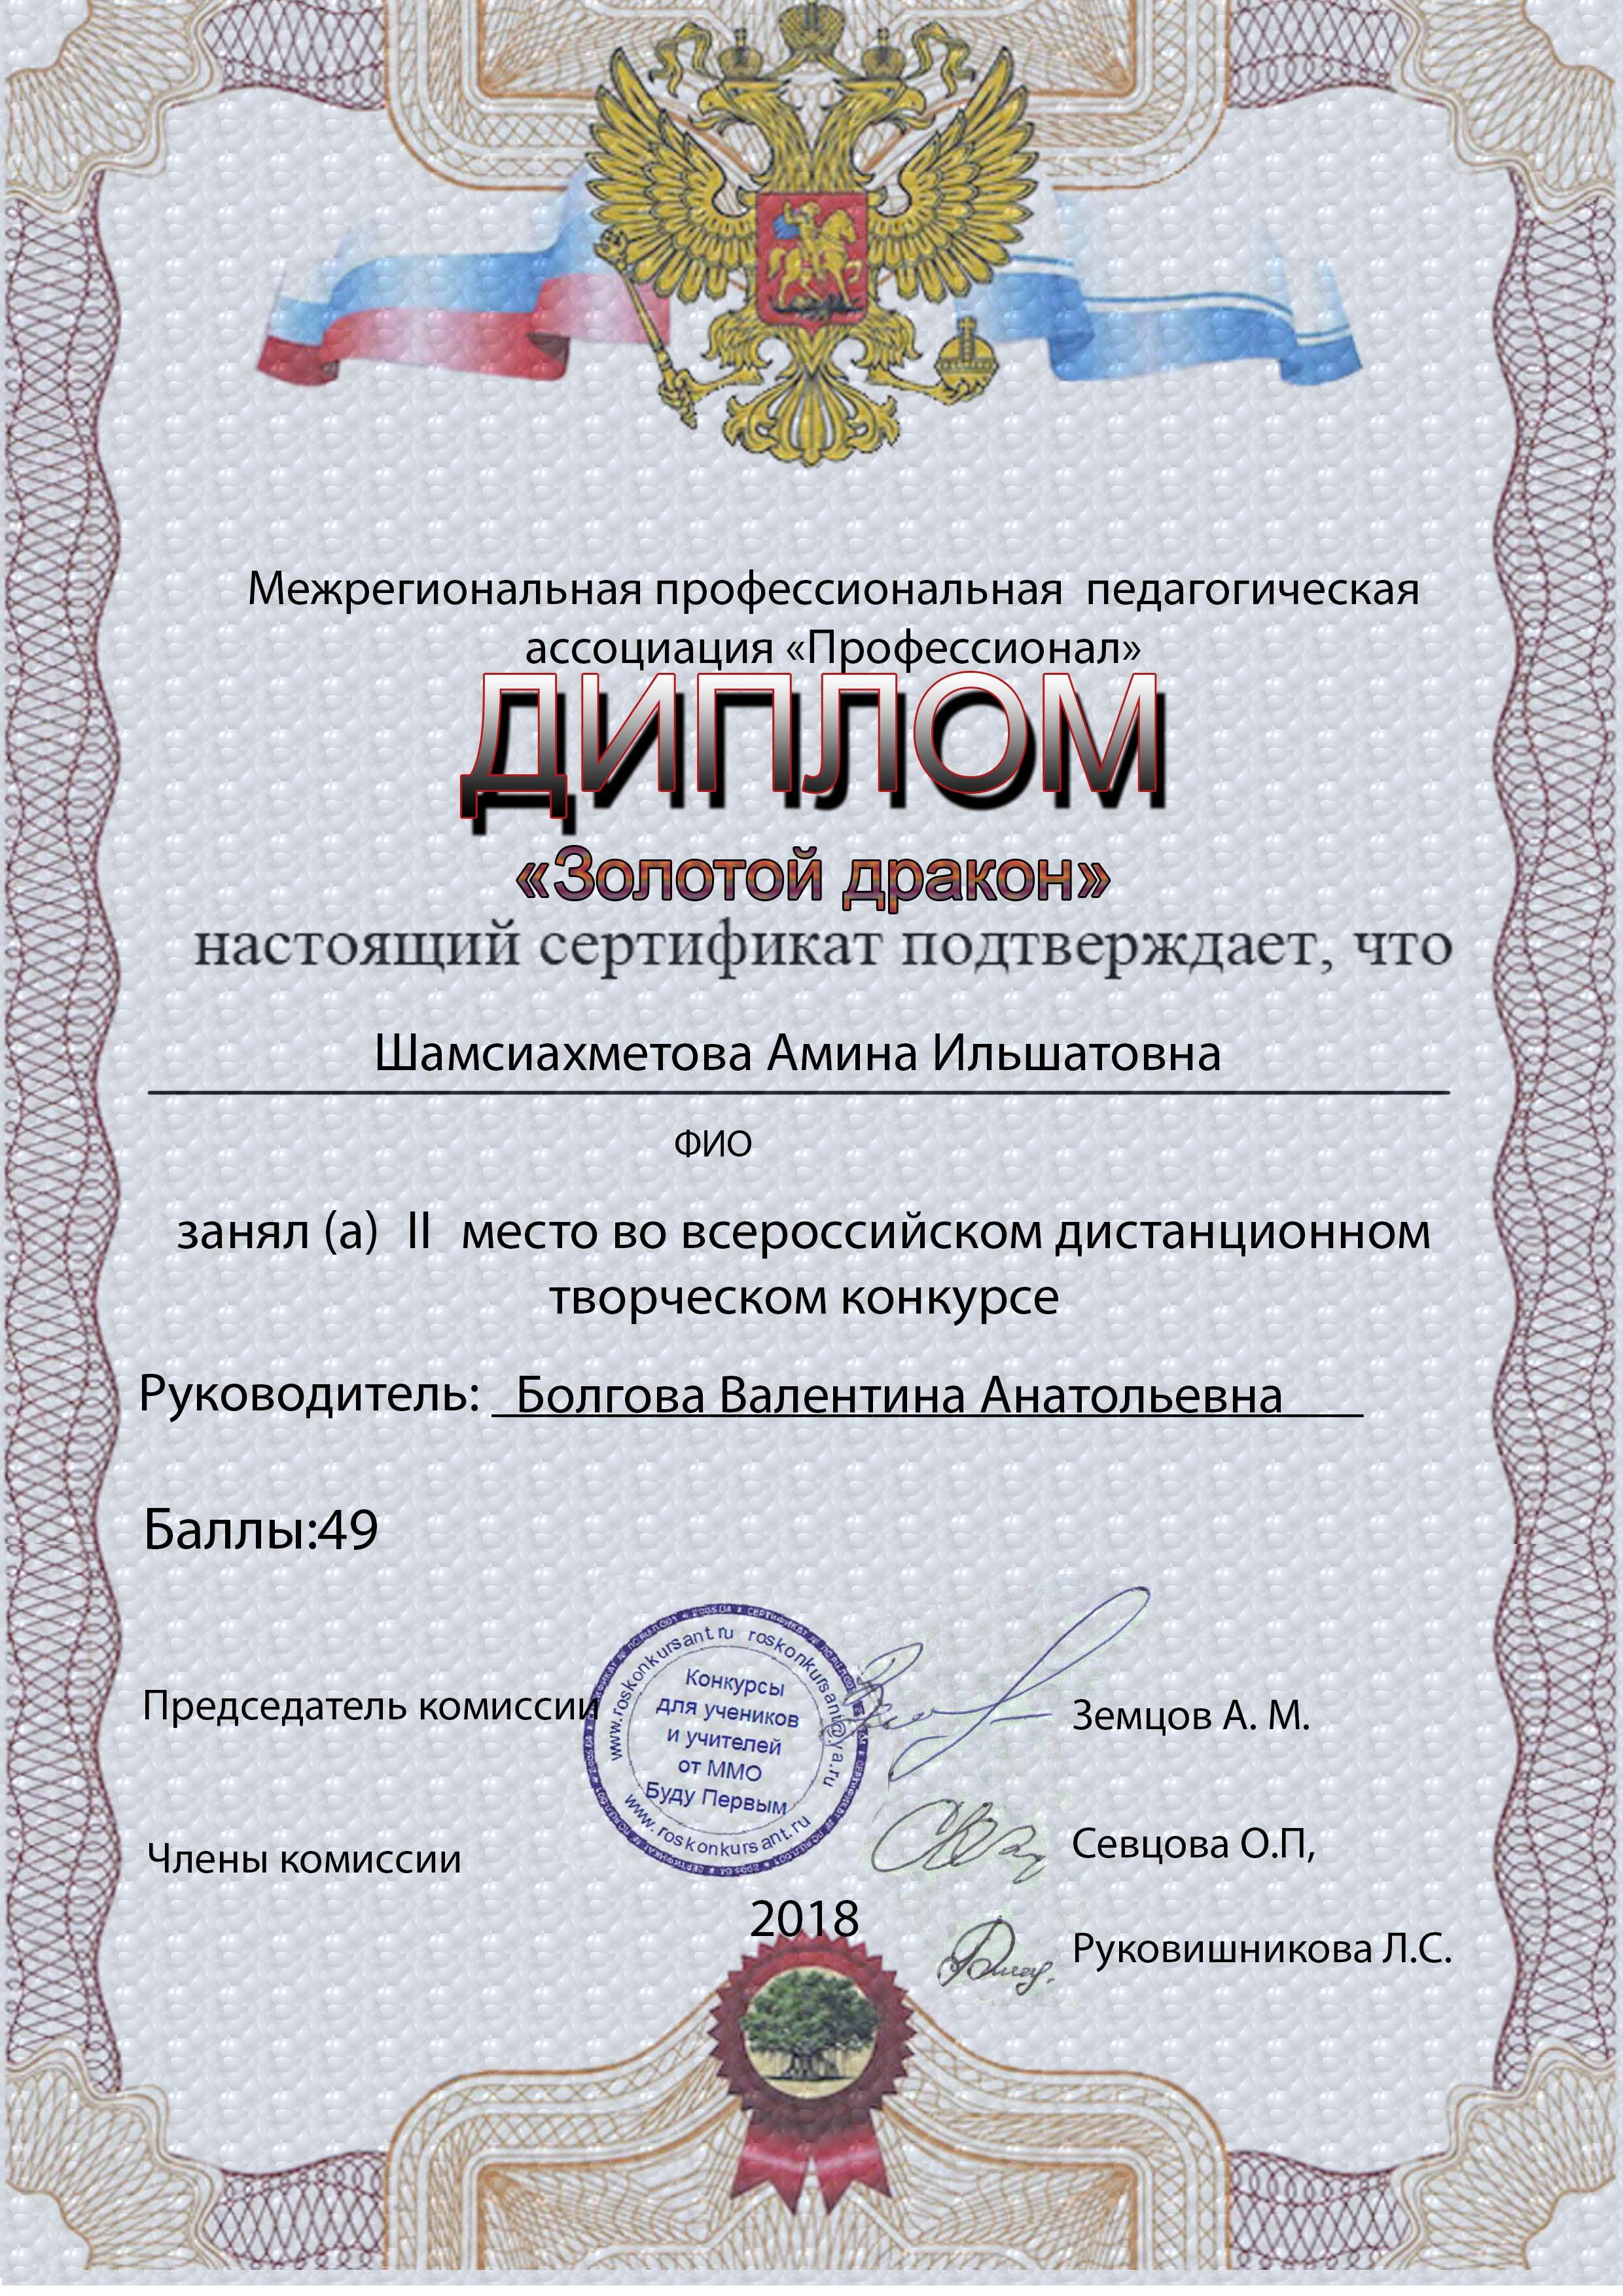 Шамсиахметова Амина Ильшатовна